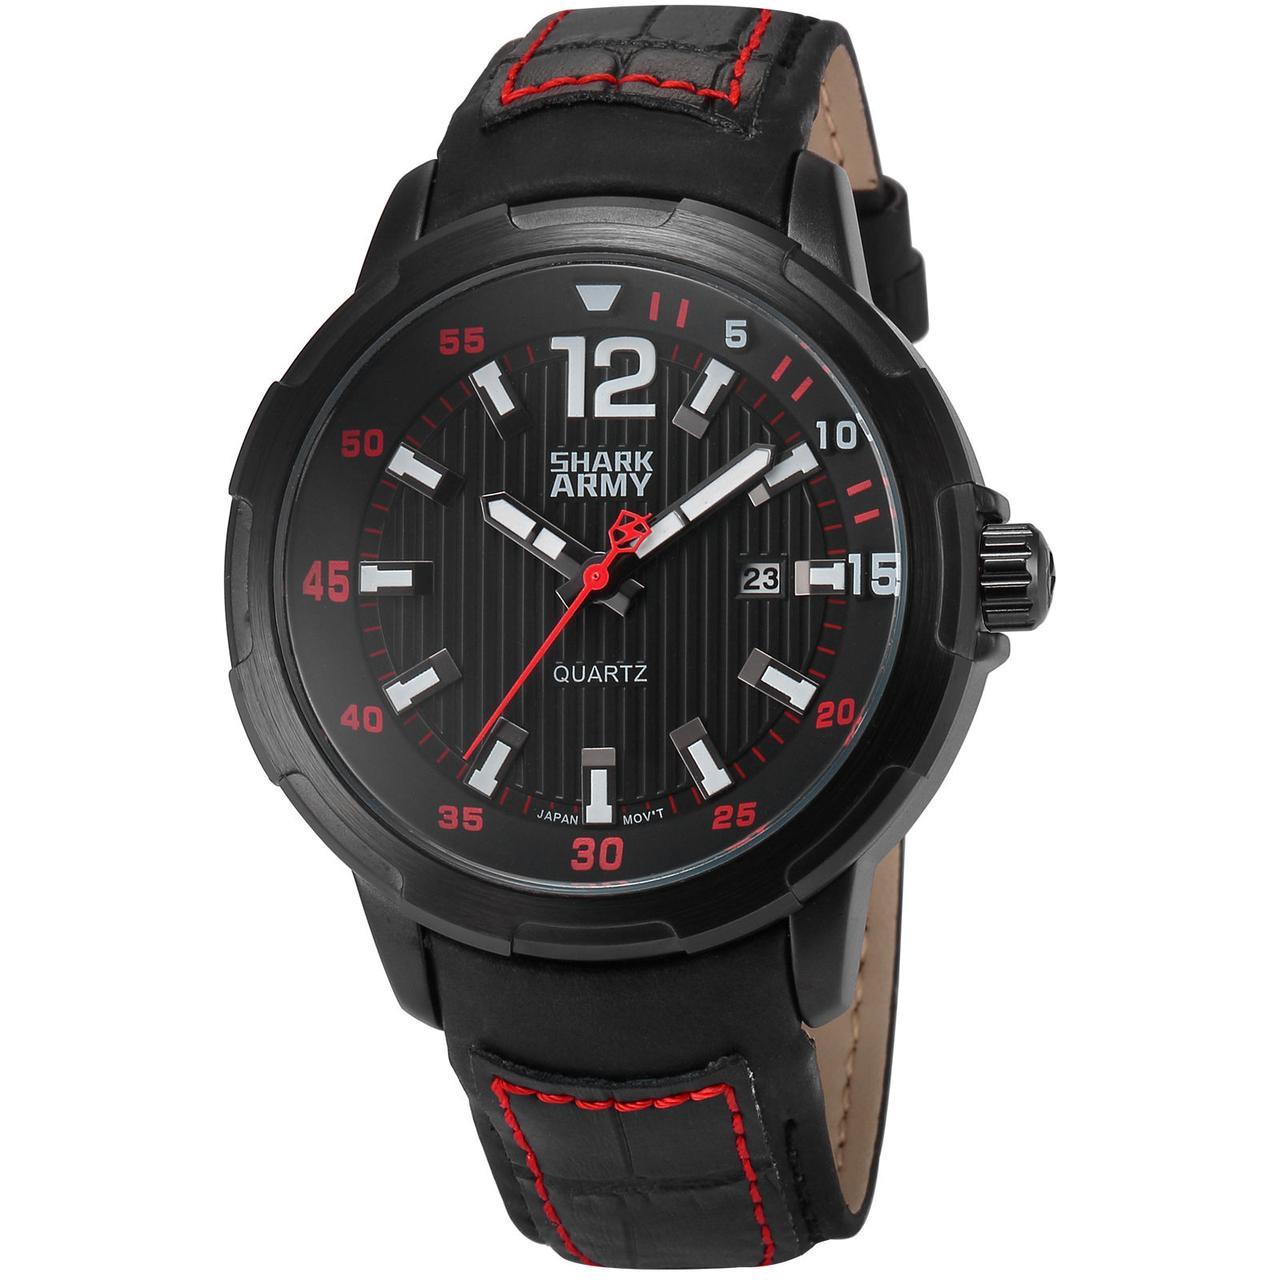 Часы мужские наручные SHARK ARMY Military Watch